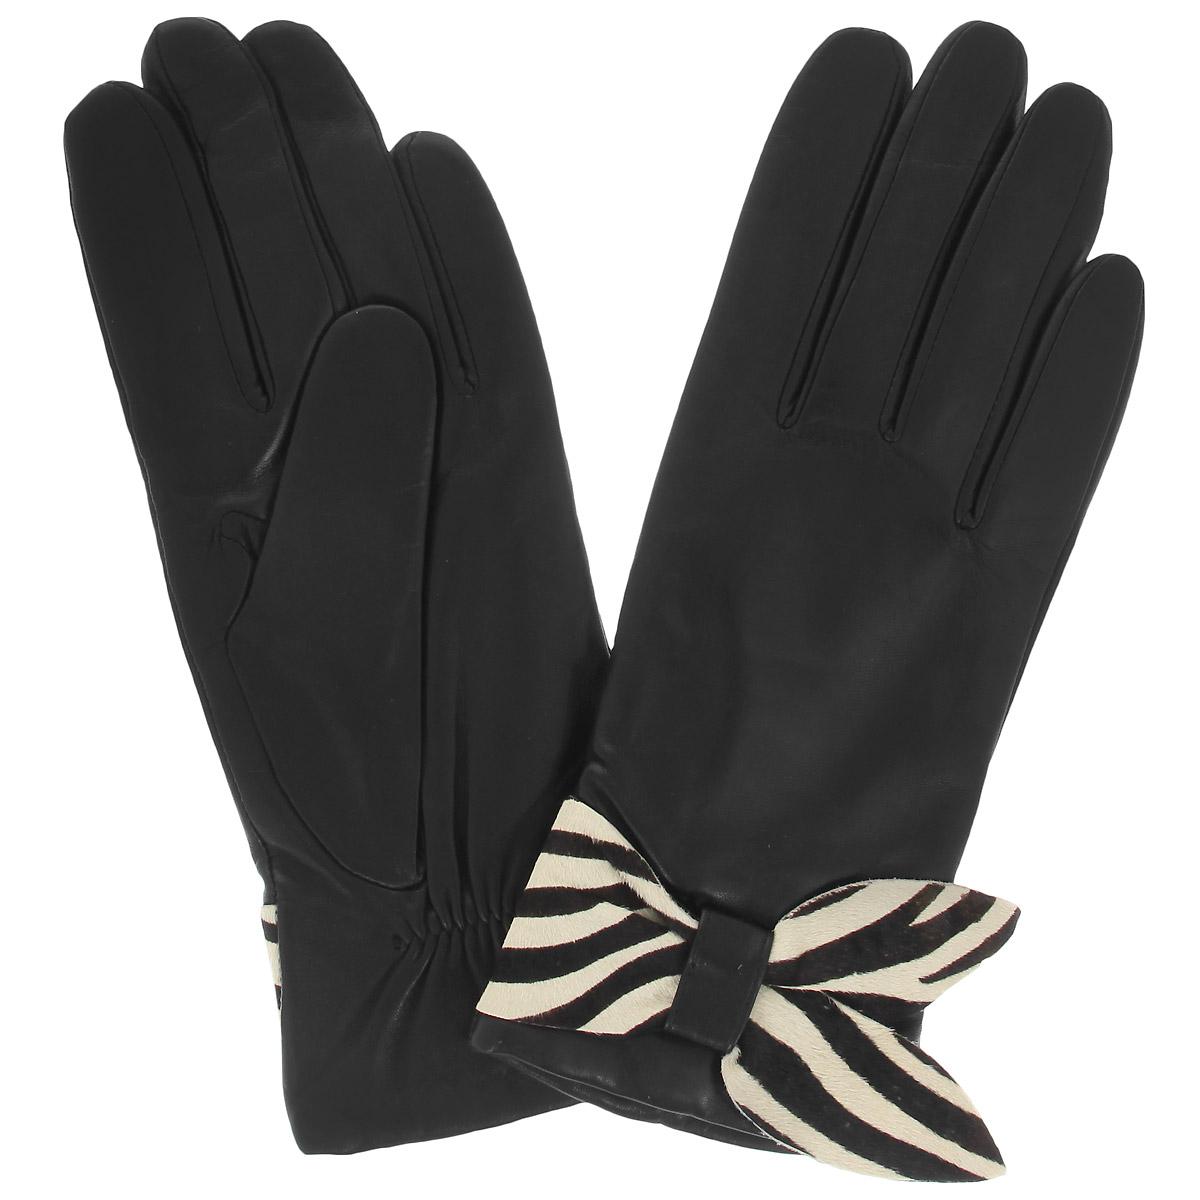 Фото - Перчатки женские Dali Exclusive, цвет: черный. 11_ZIELE/BL//11. Размер 8 женские перчатки imixlot acylic ca02009 mu